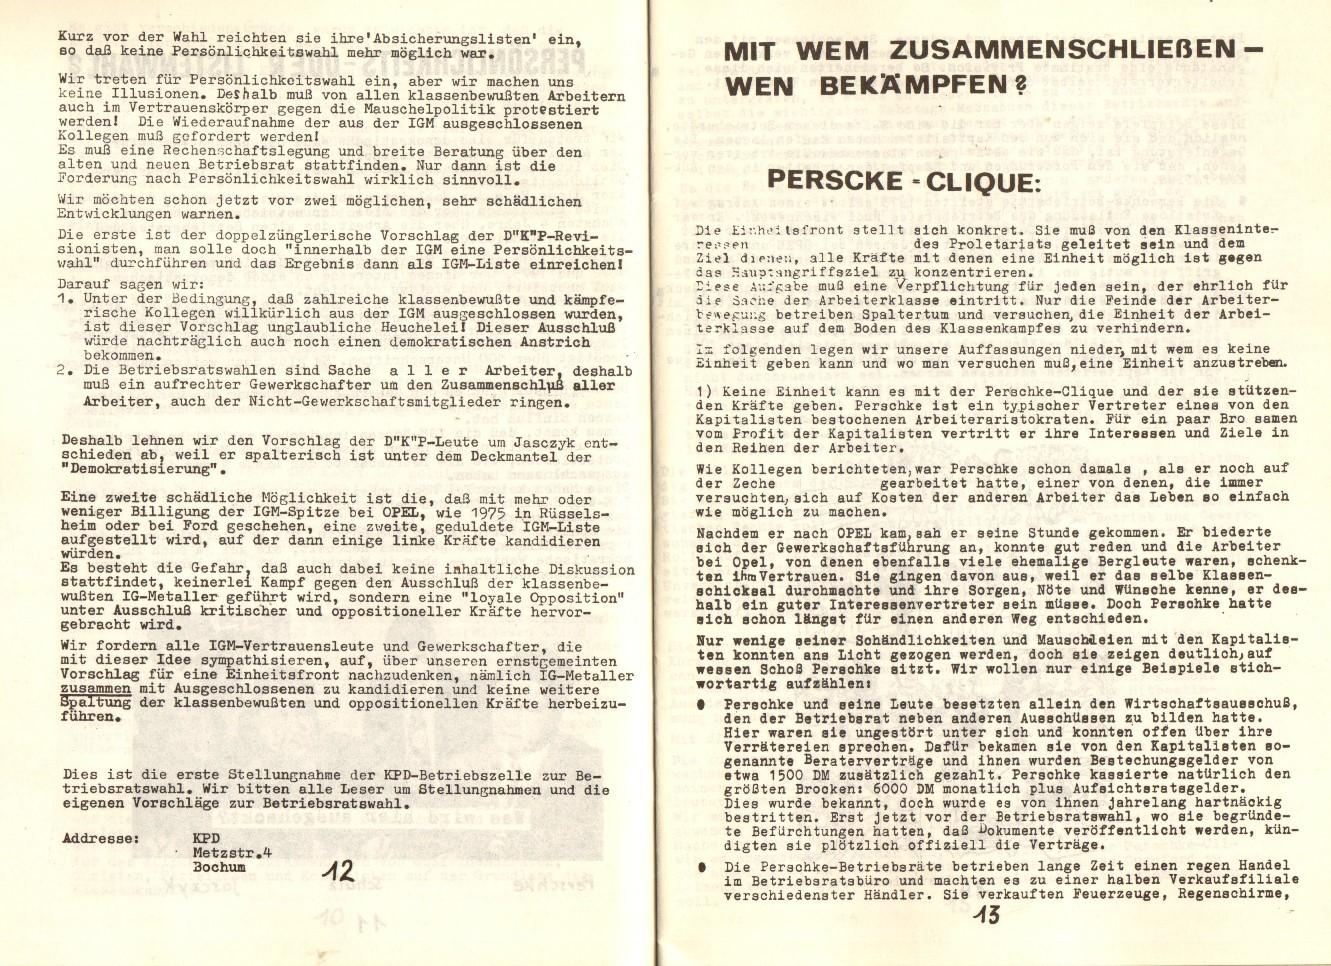 Bochum_KPD_1977_Betriebsratswahlen_1978_07